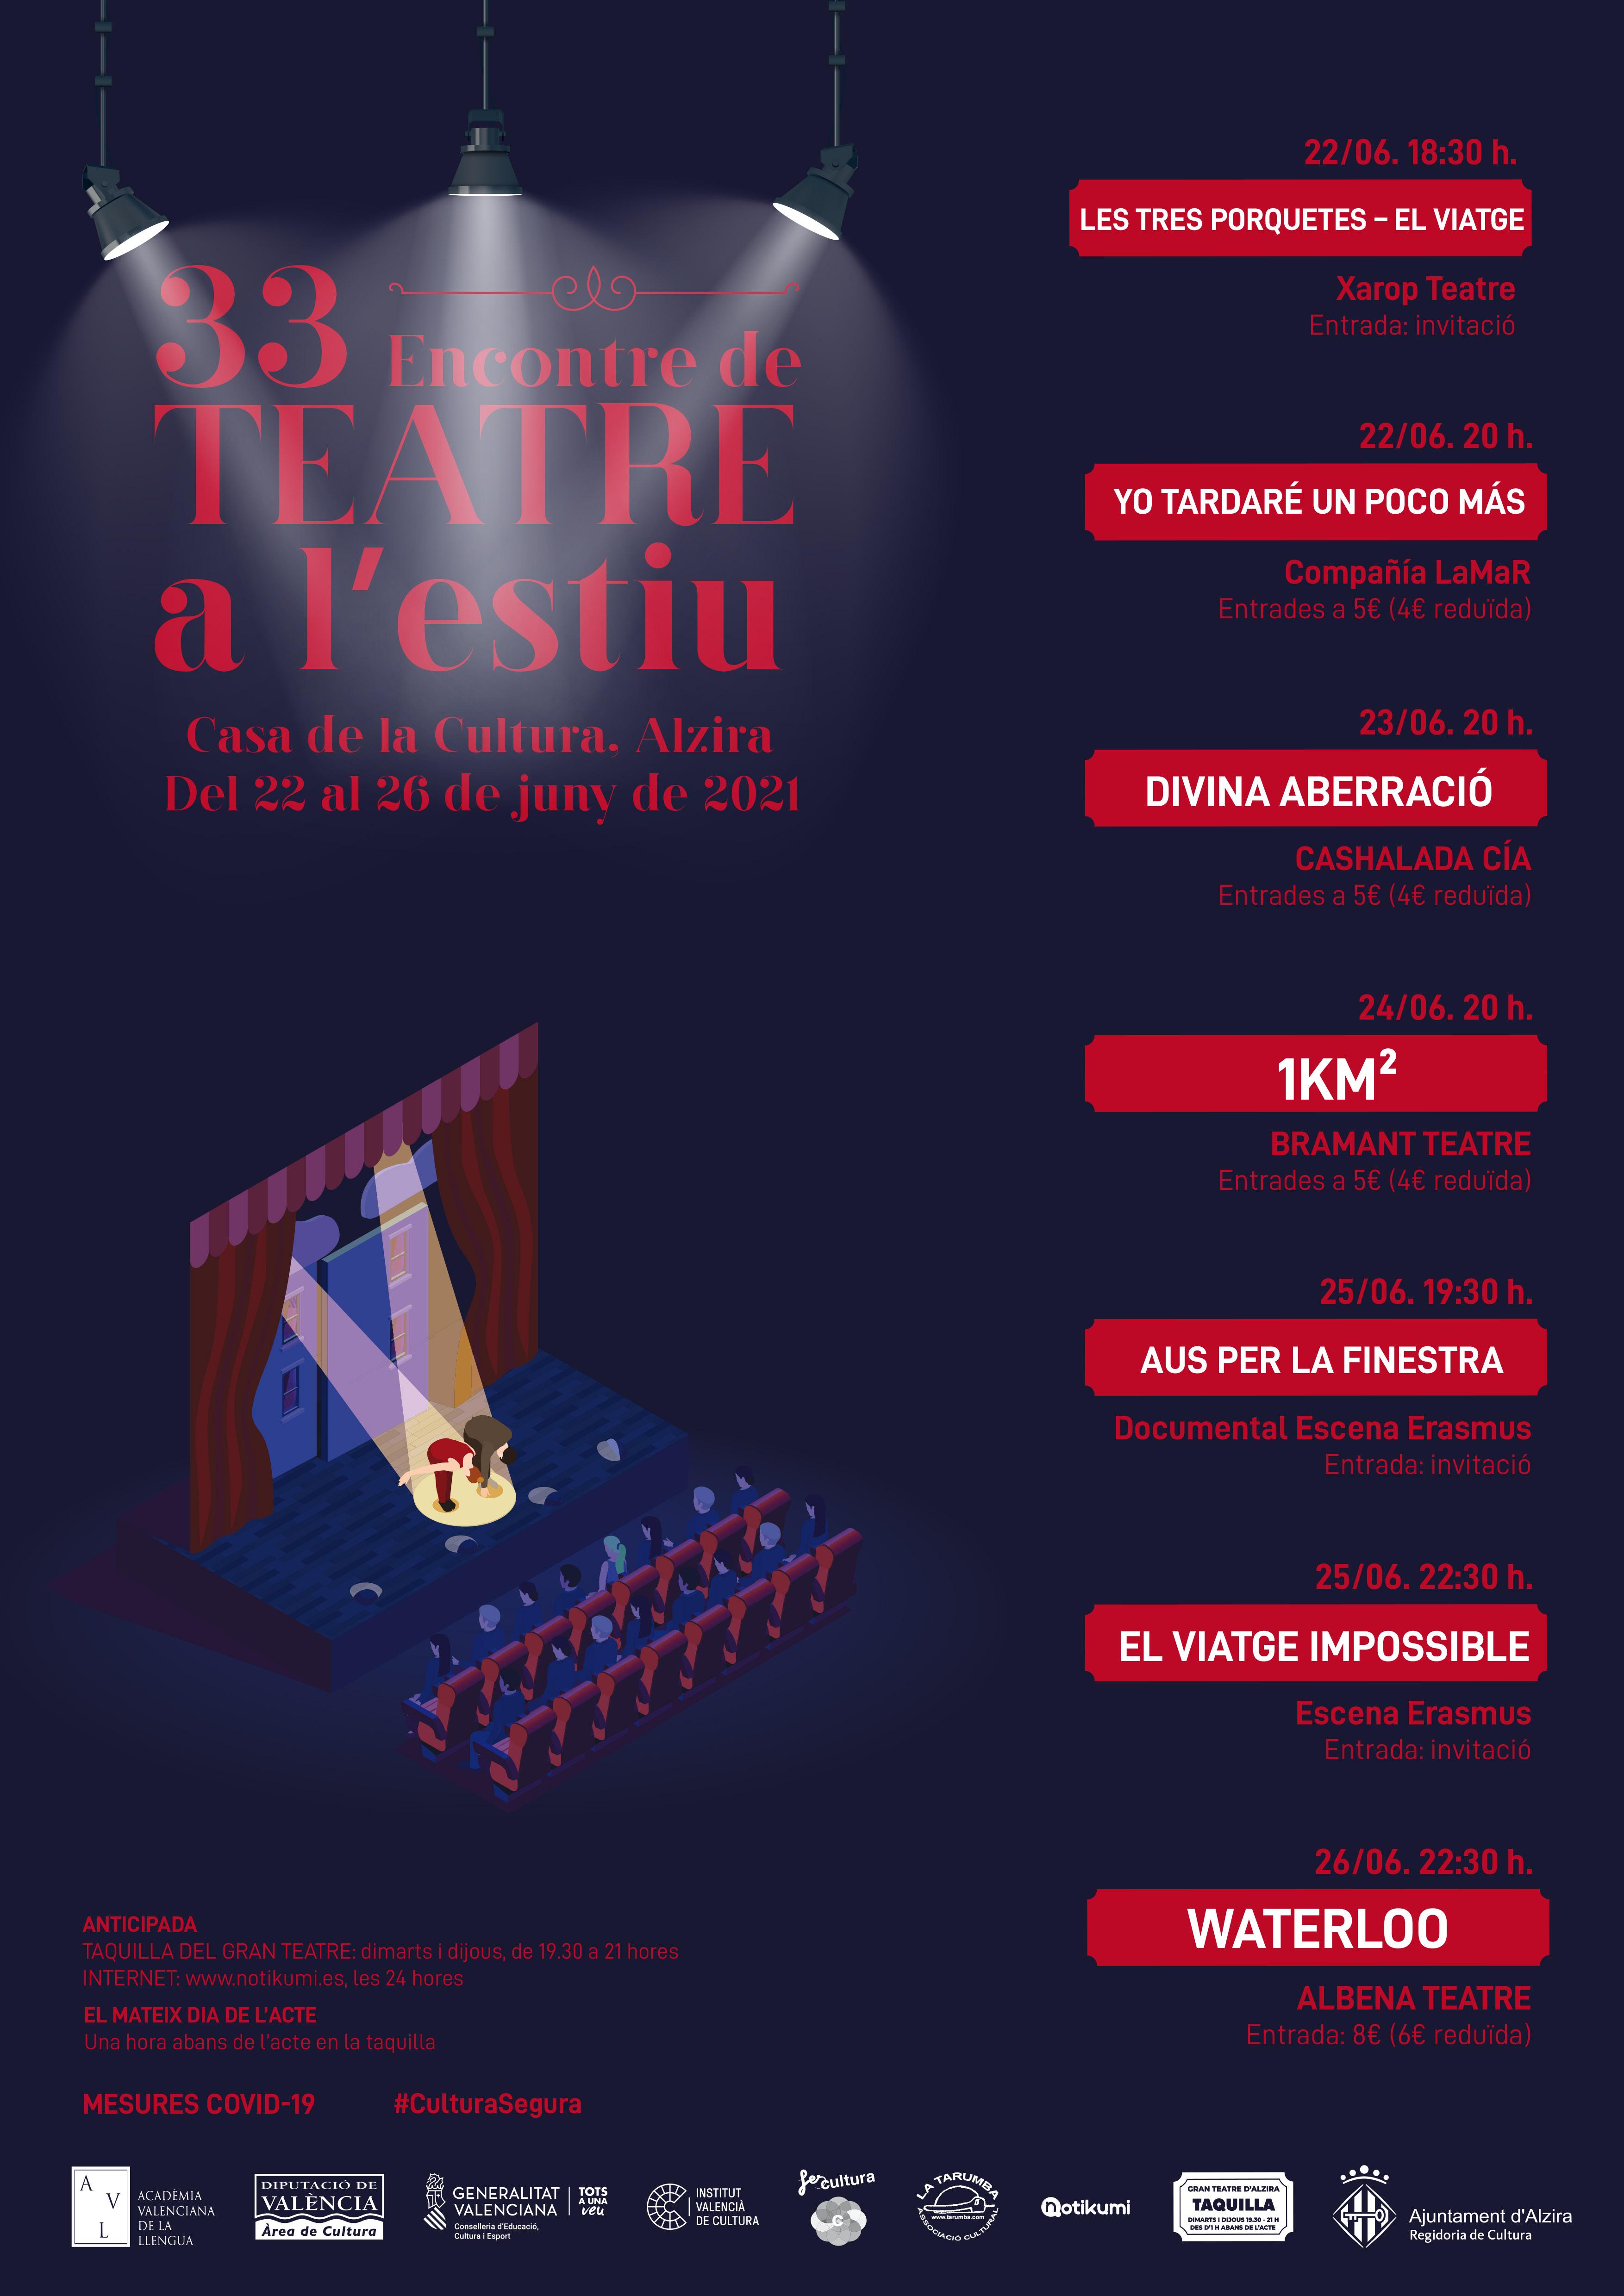 33 Encontre de Teatre a l'Estiu